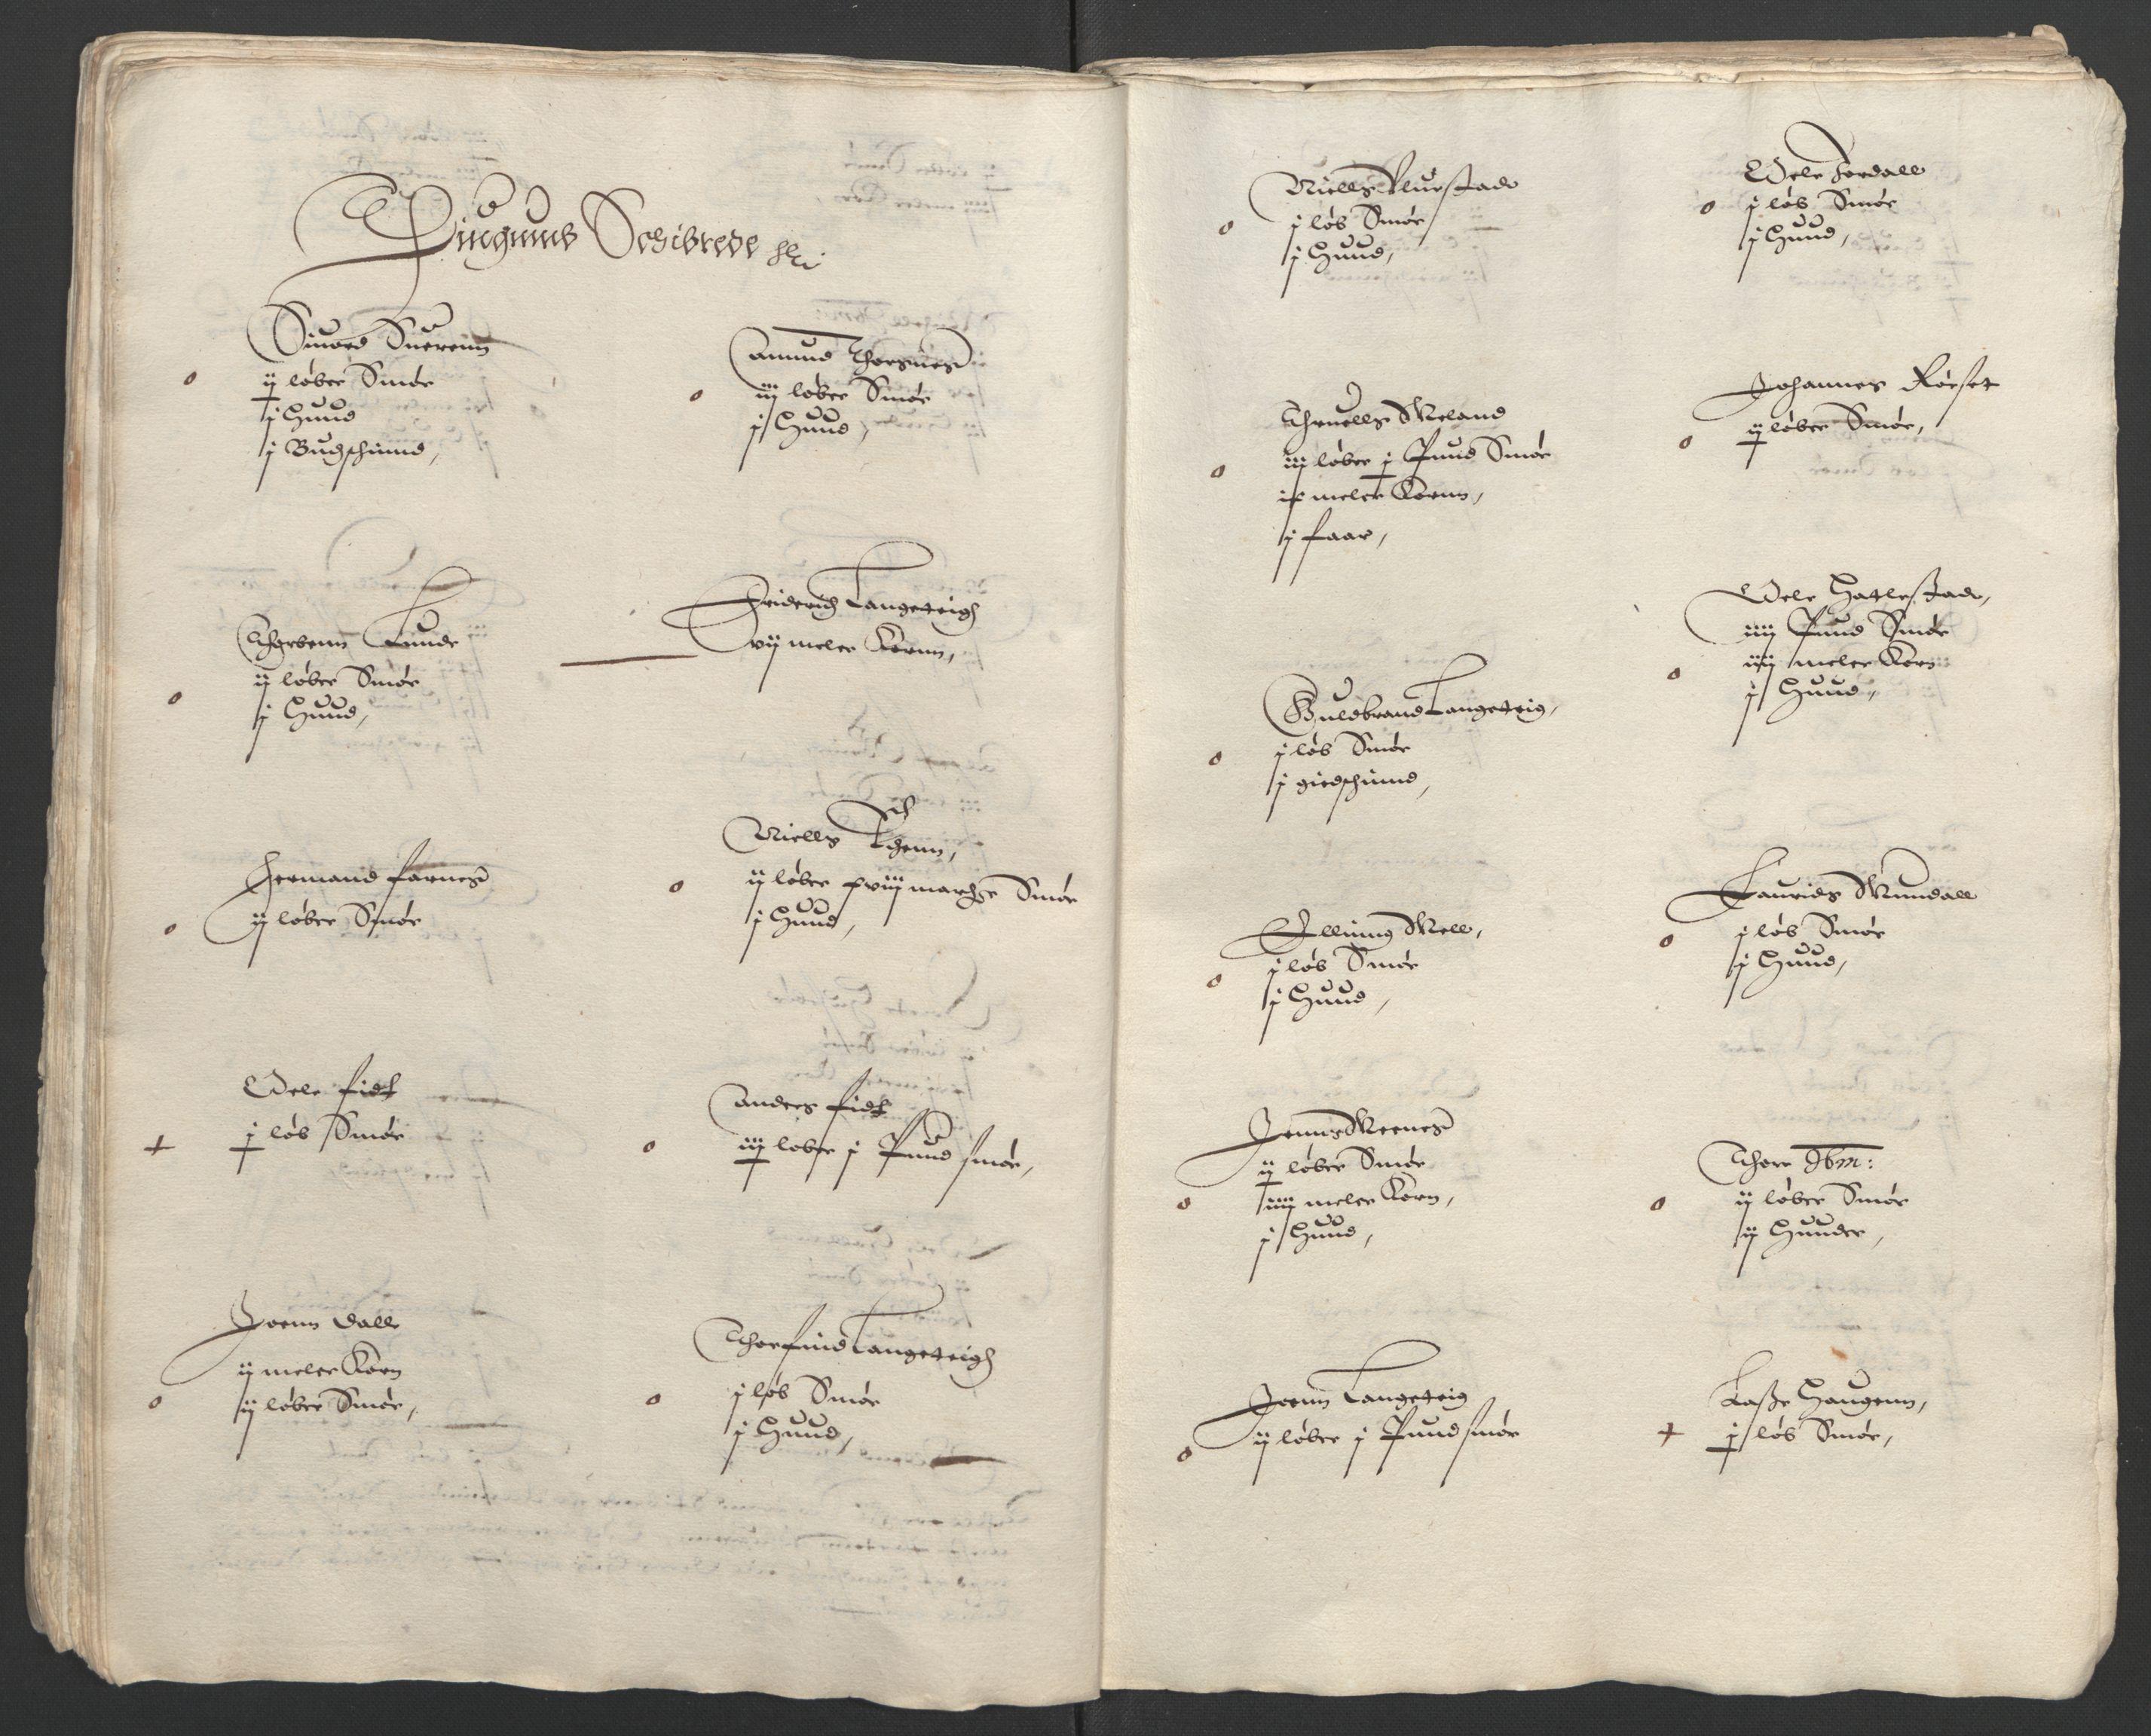 RA, Stattholderembetet 1572-1771, Ek/L0004: Jordebøker til utlikning av garnisonsskatt 1624-1626:, 1626, s. 205